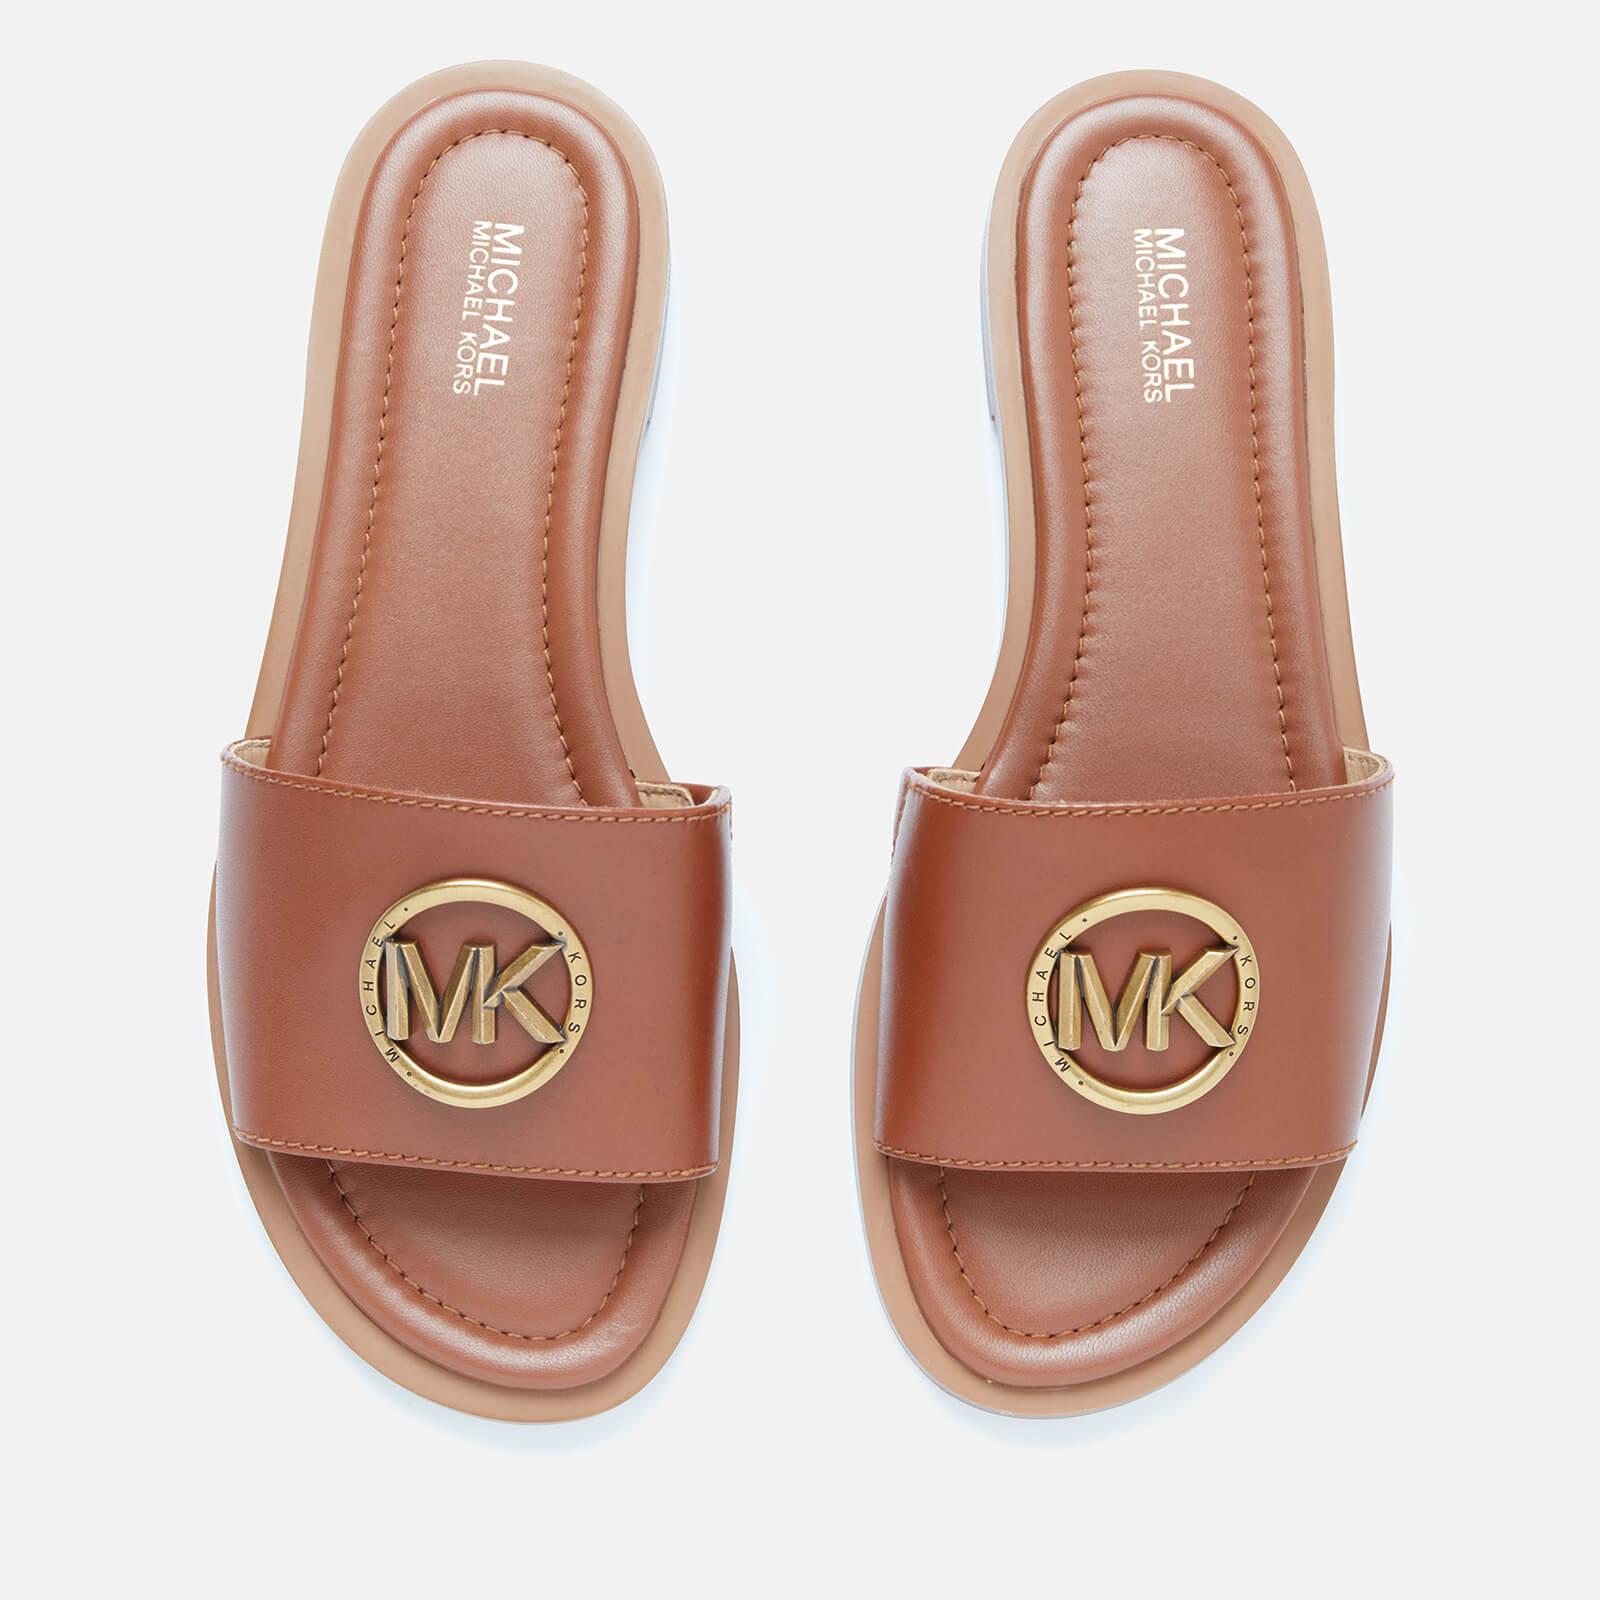 Brynn Leather Slide Sandals - Luggage